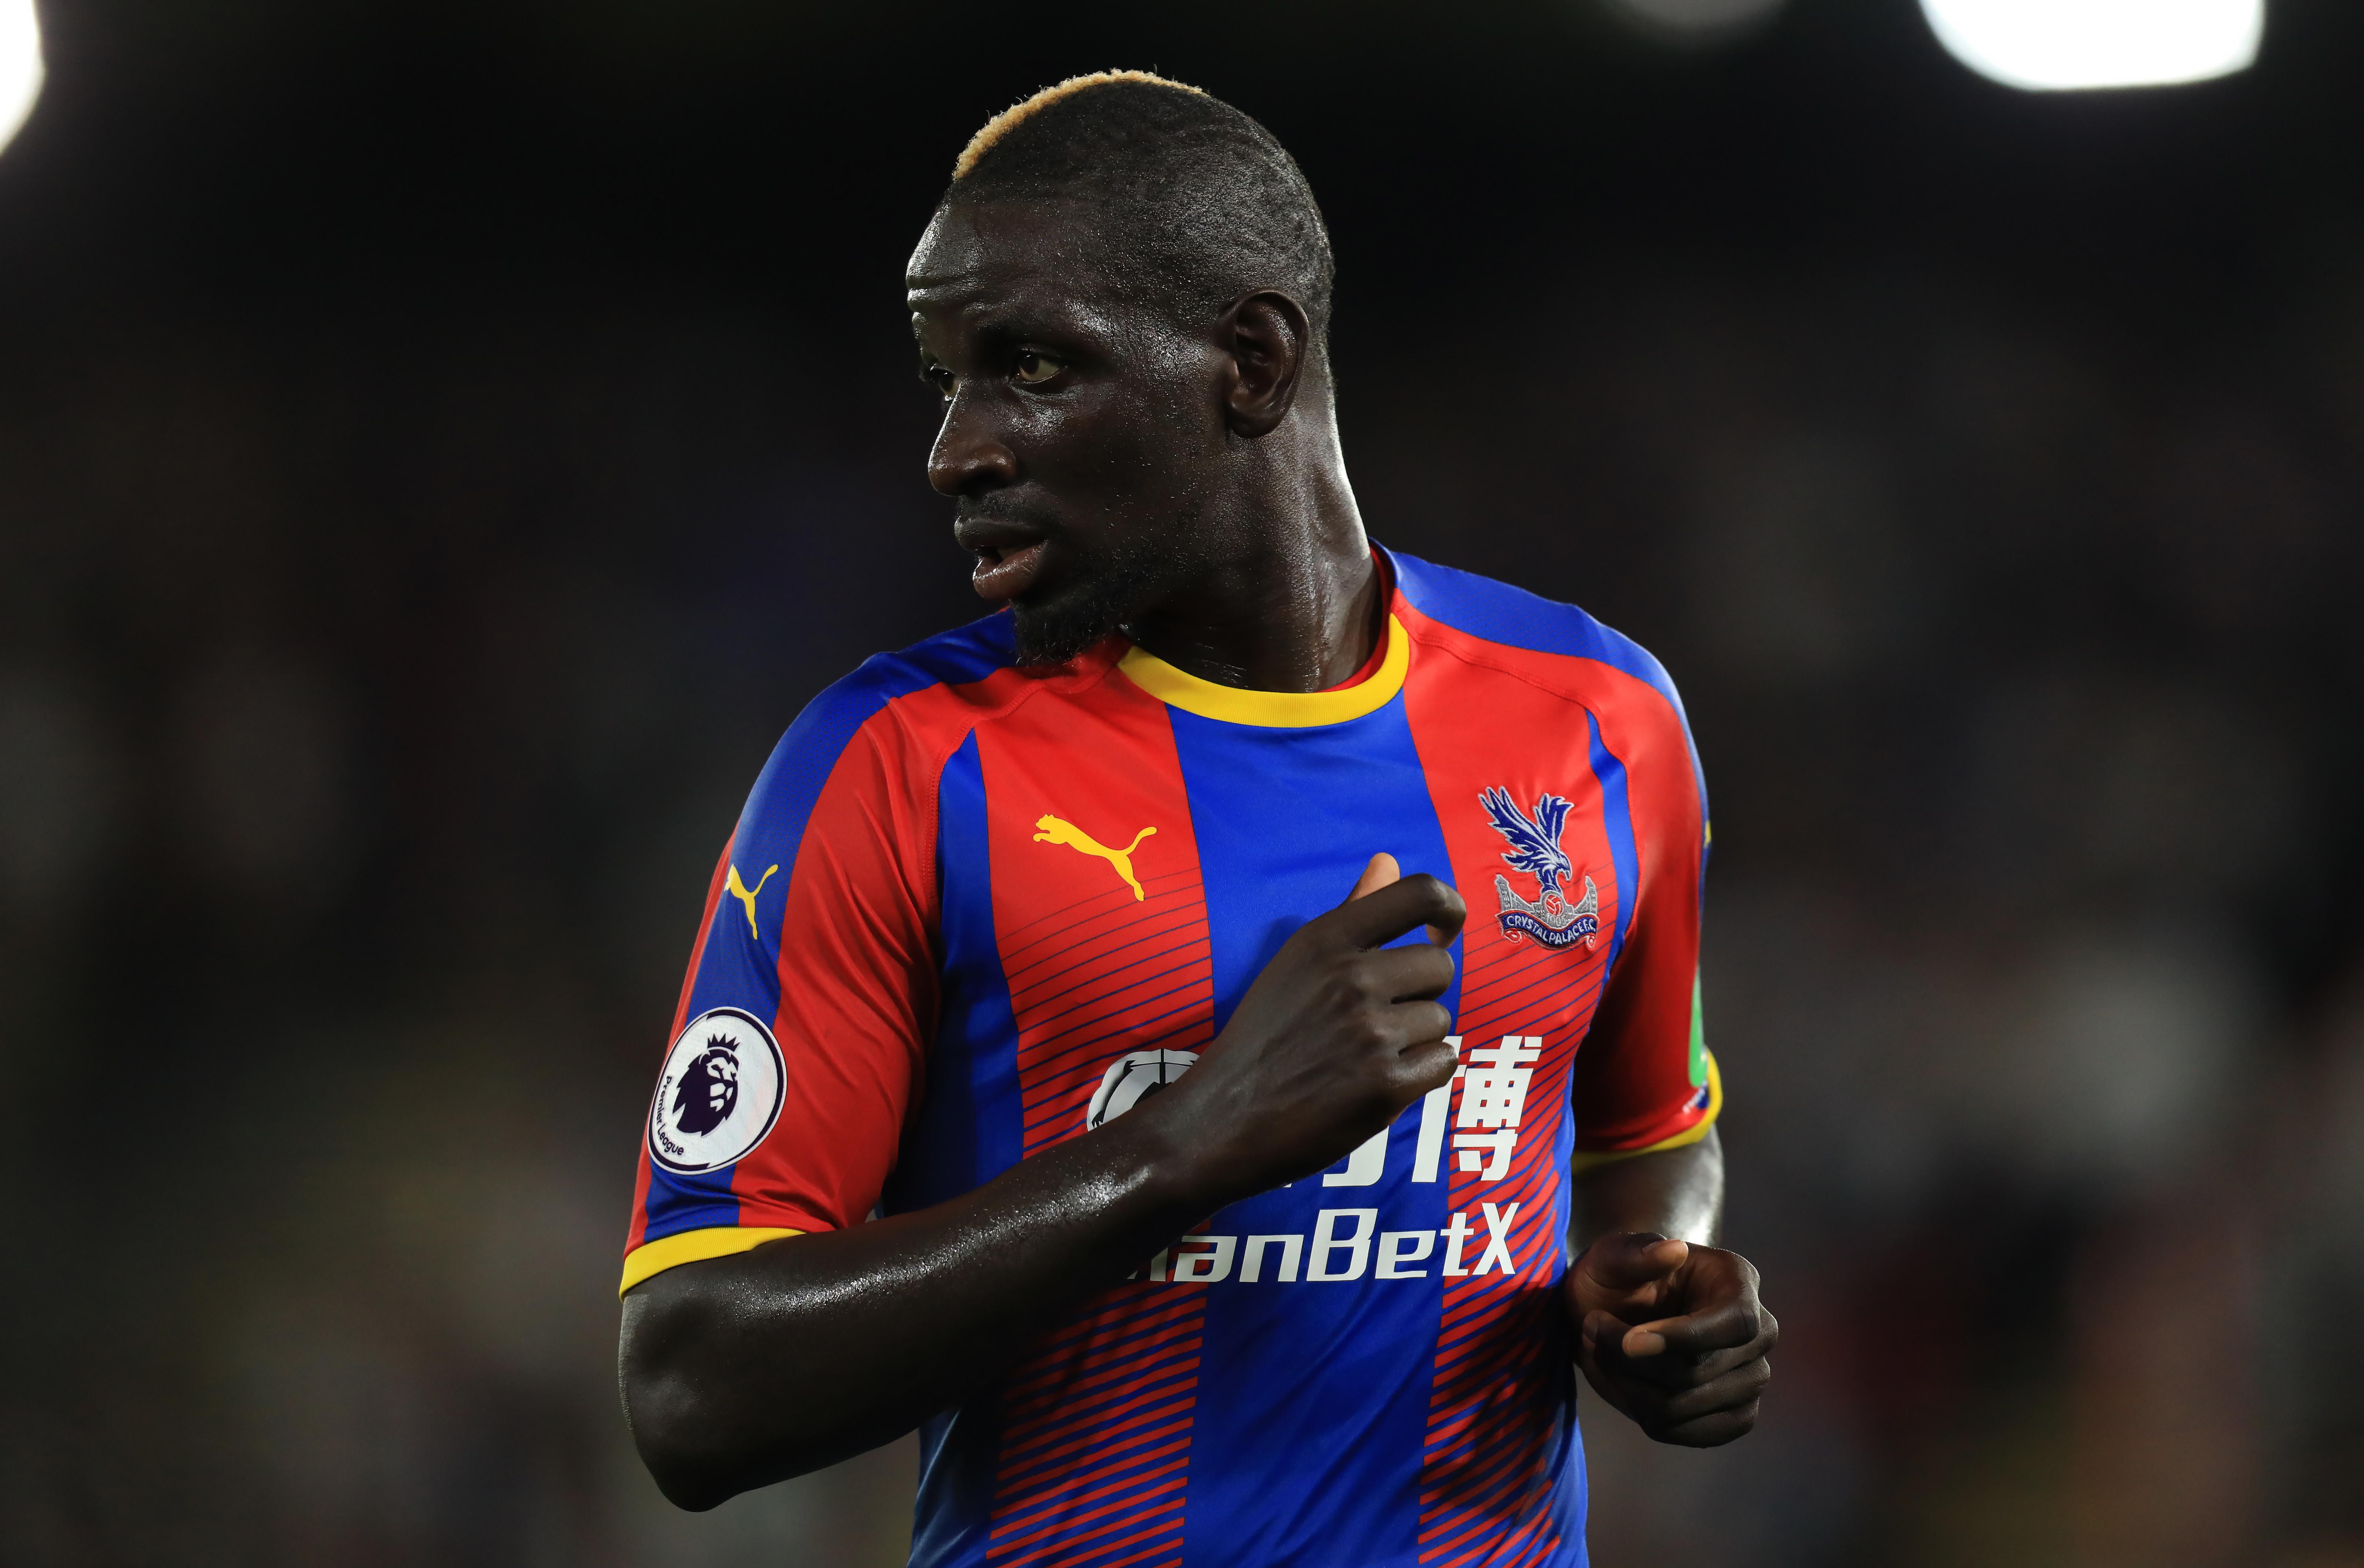 Football - Transferts - Le journal du mercato : L'OL en pince pour Sakho, l'OM sur un attaquant de Saint-Etienne